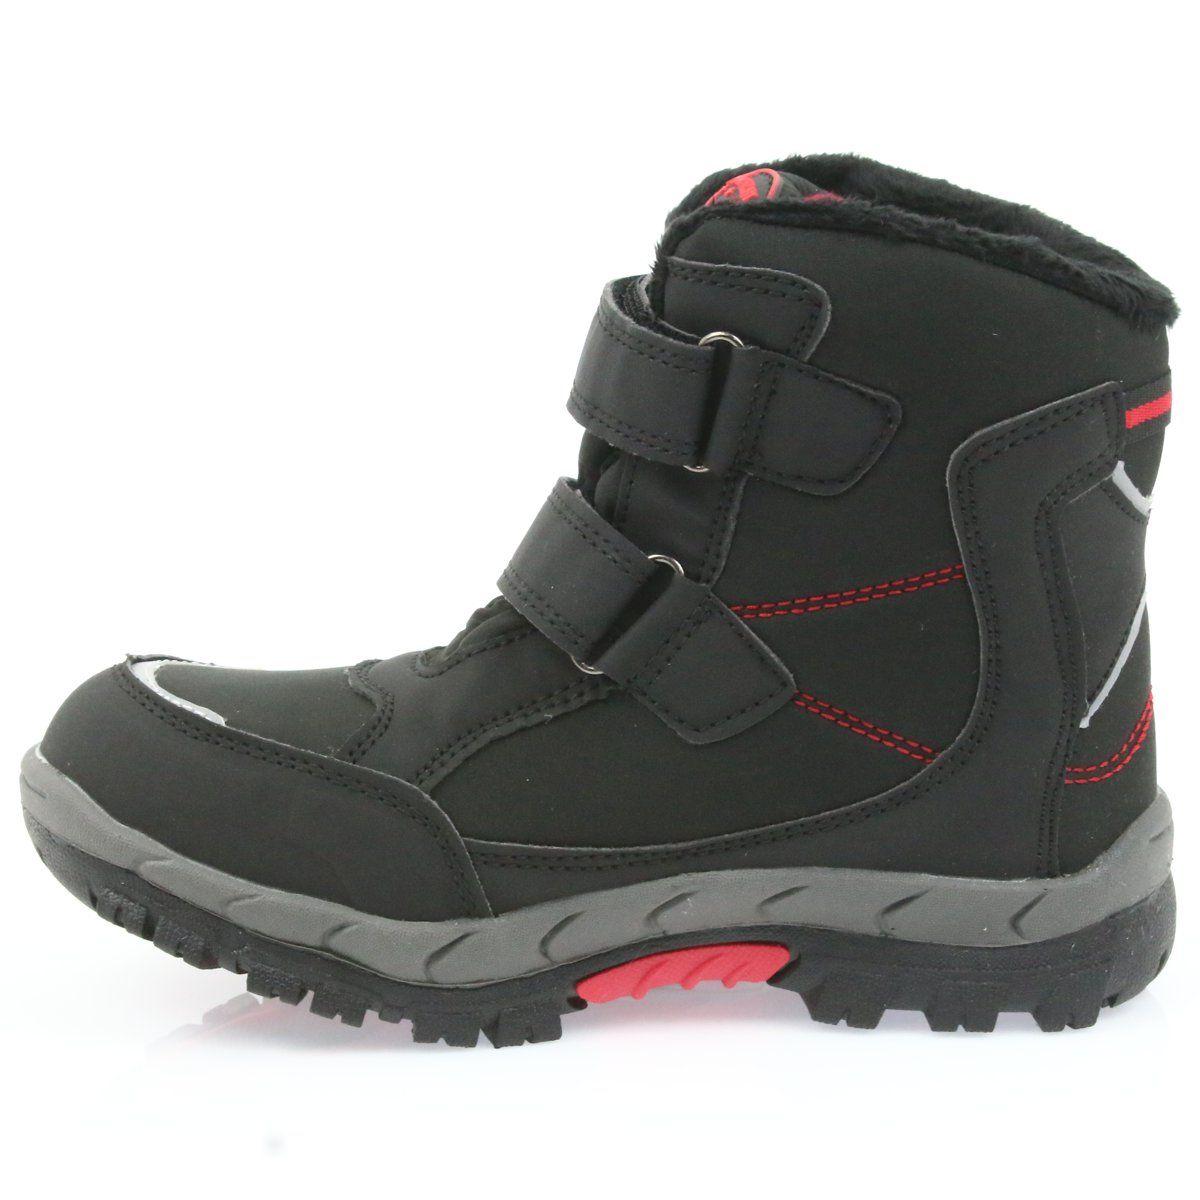 American Club American Kozaki Buty Zimowe Z Membrana 3123 Czarne Czerwone Boots Winter Boots Childrens Boots